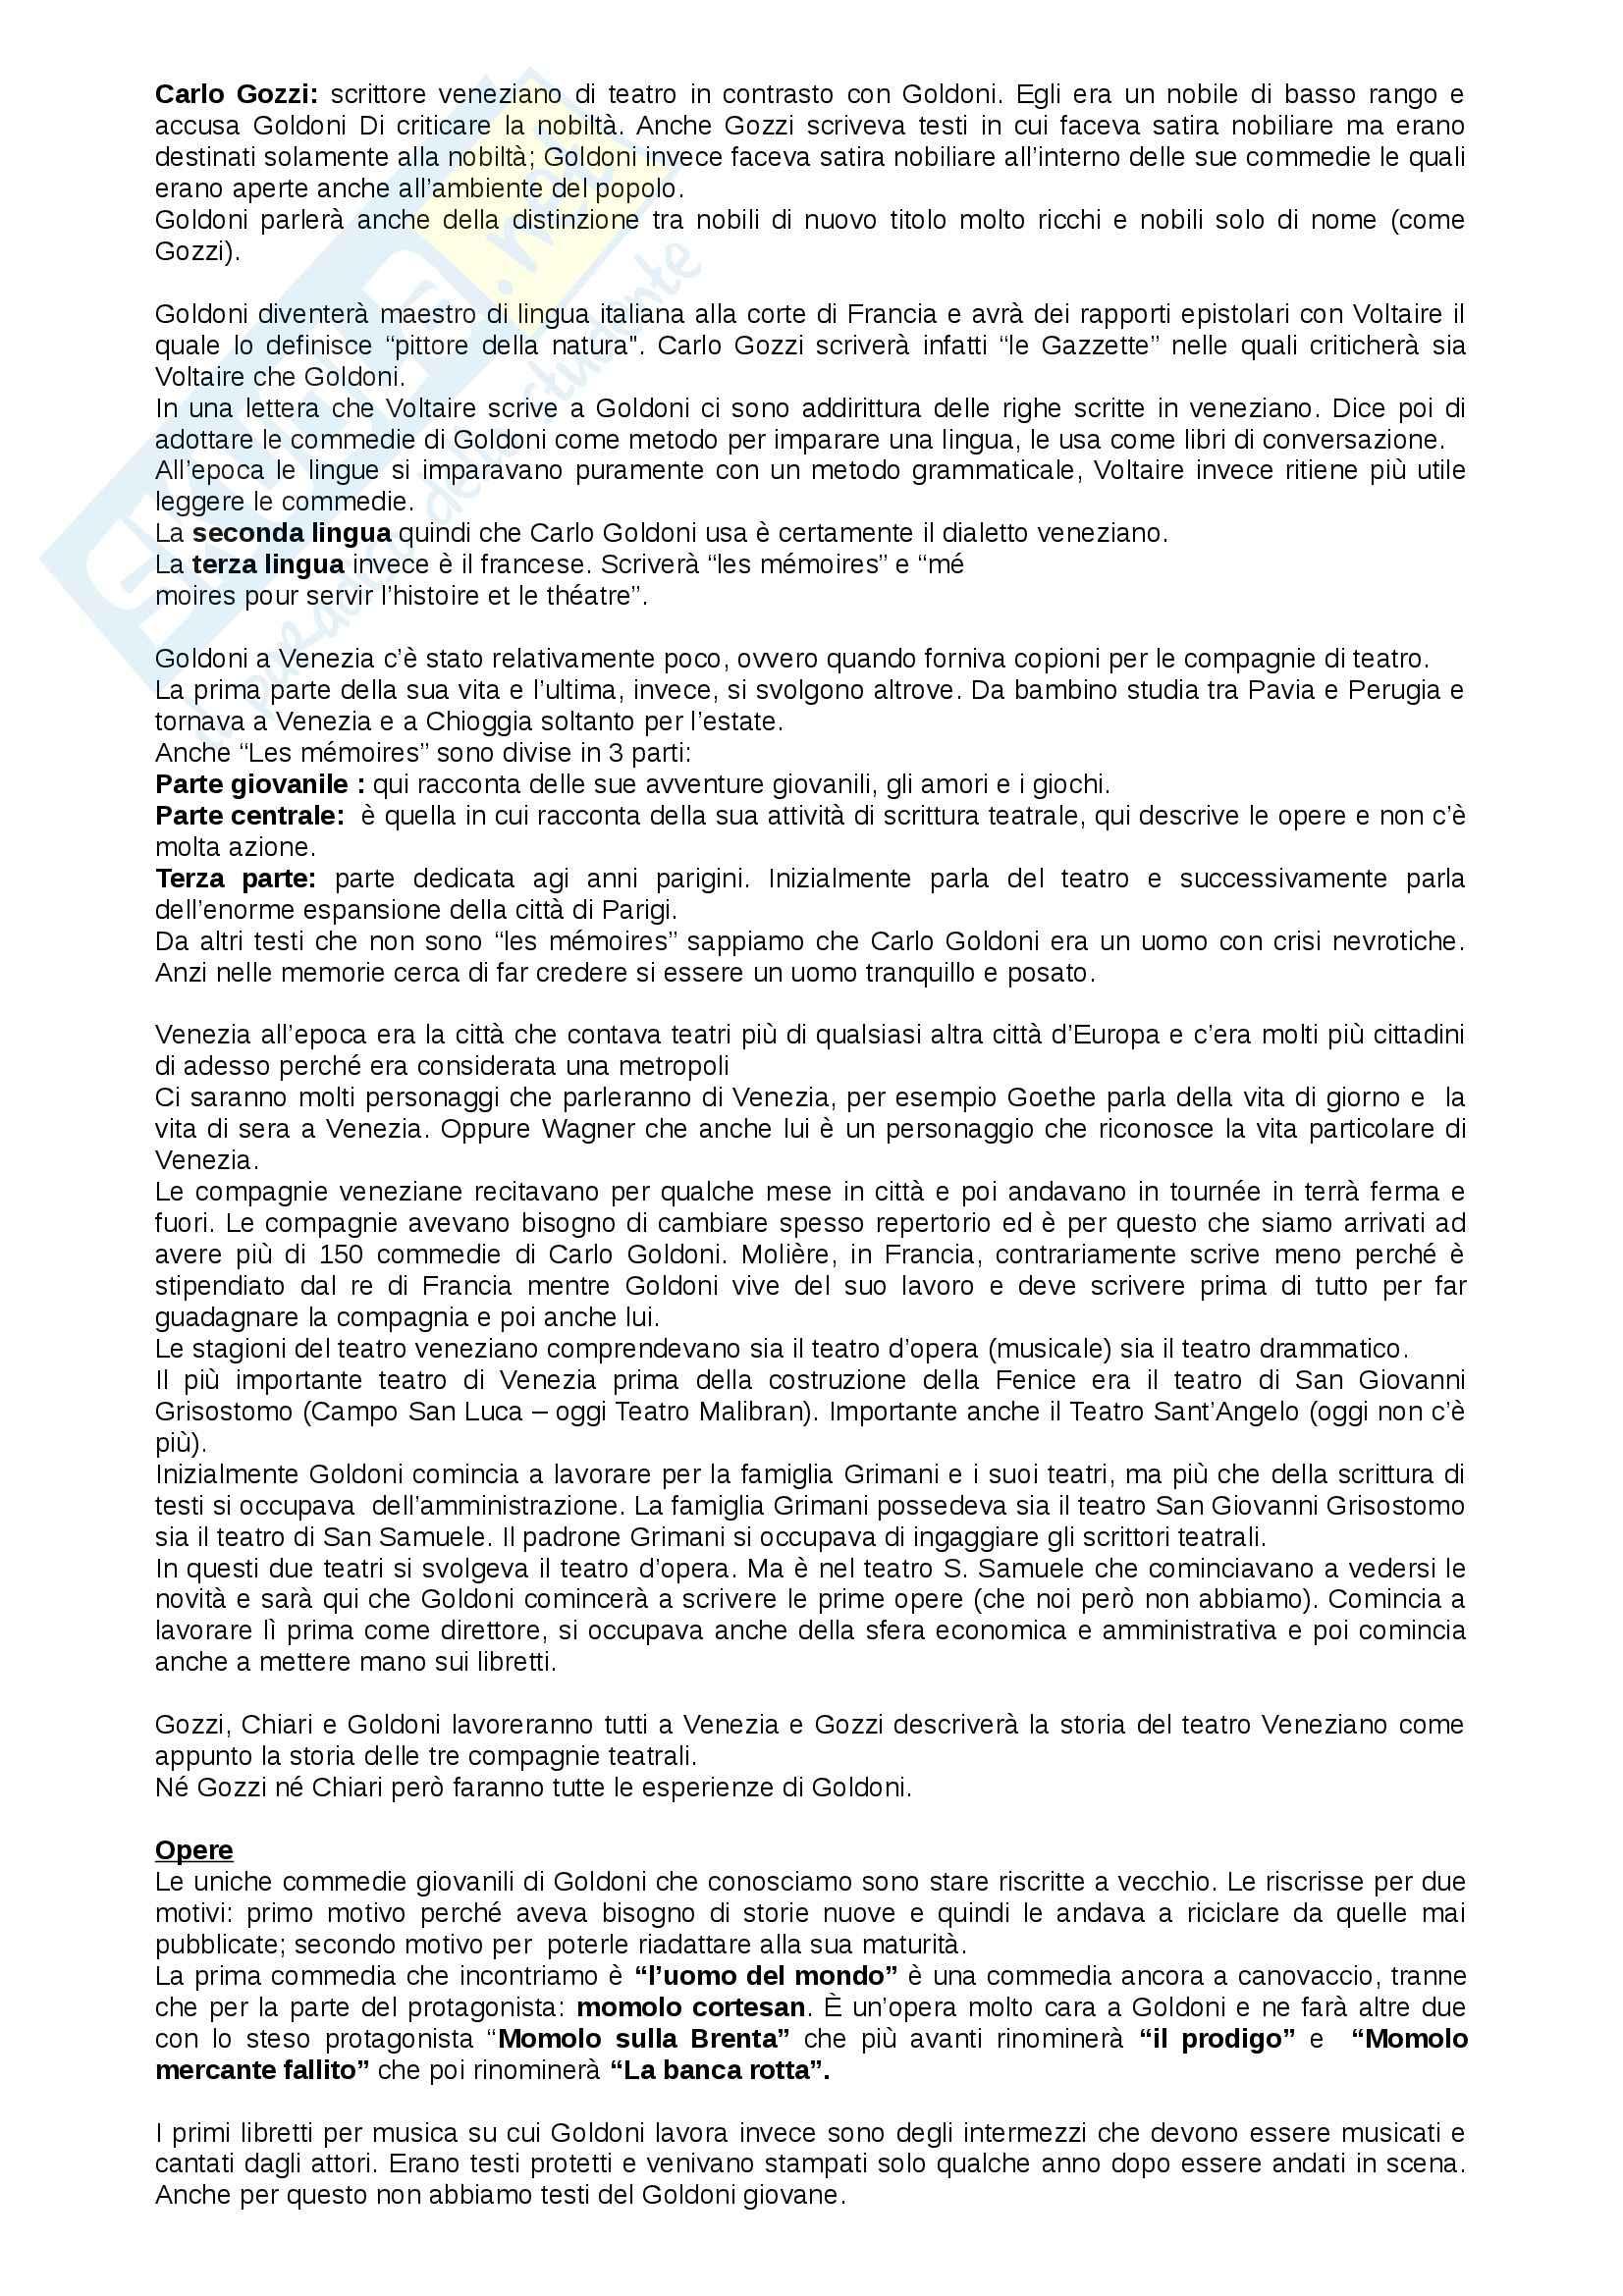 Letteratura italiana - Goldoni e opere Pag. 2